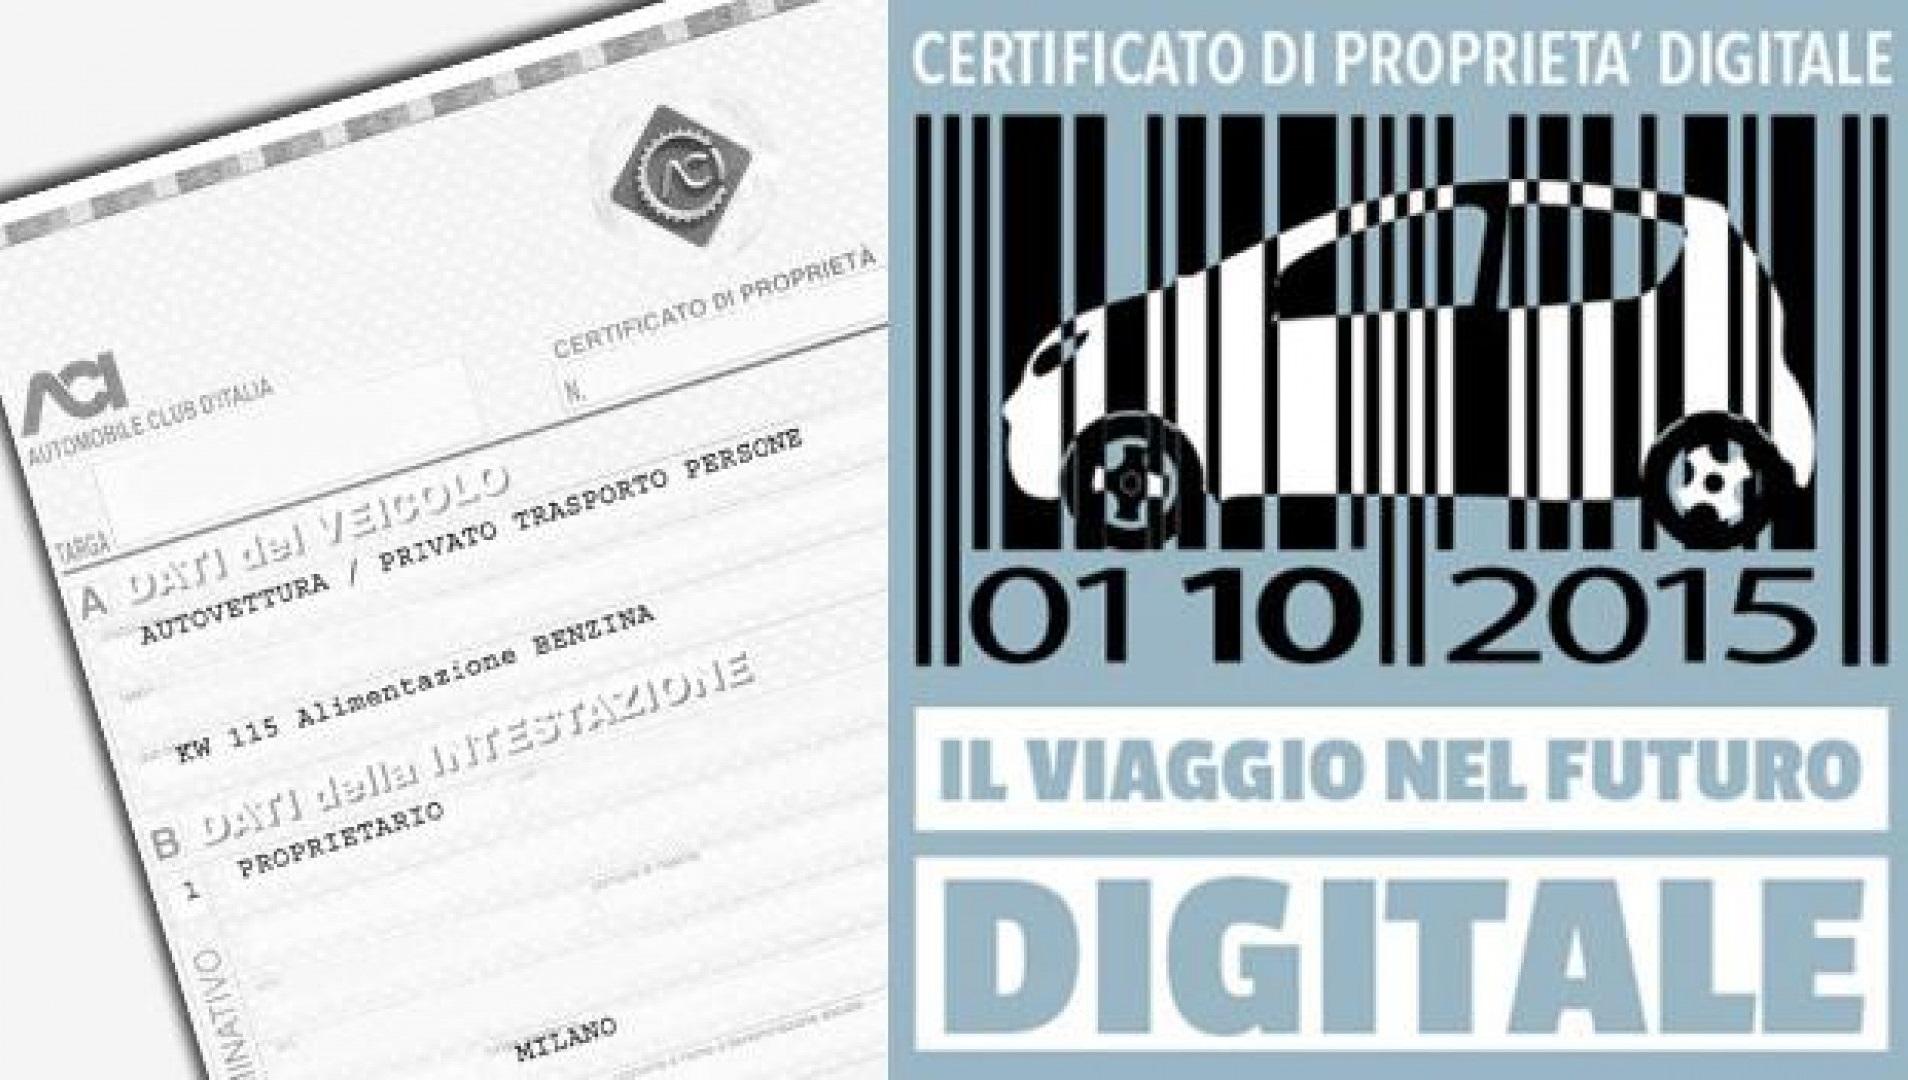 Certificato di proprietà auto digitale CDP